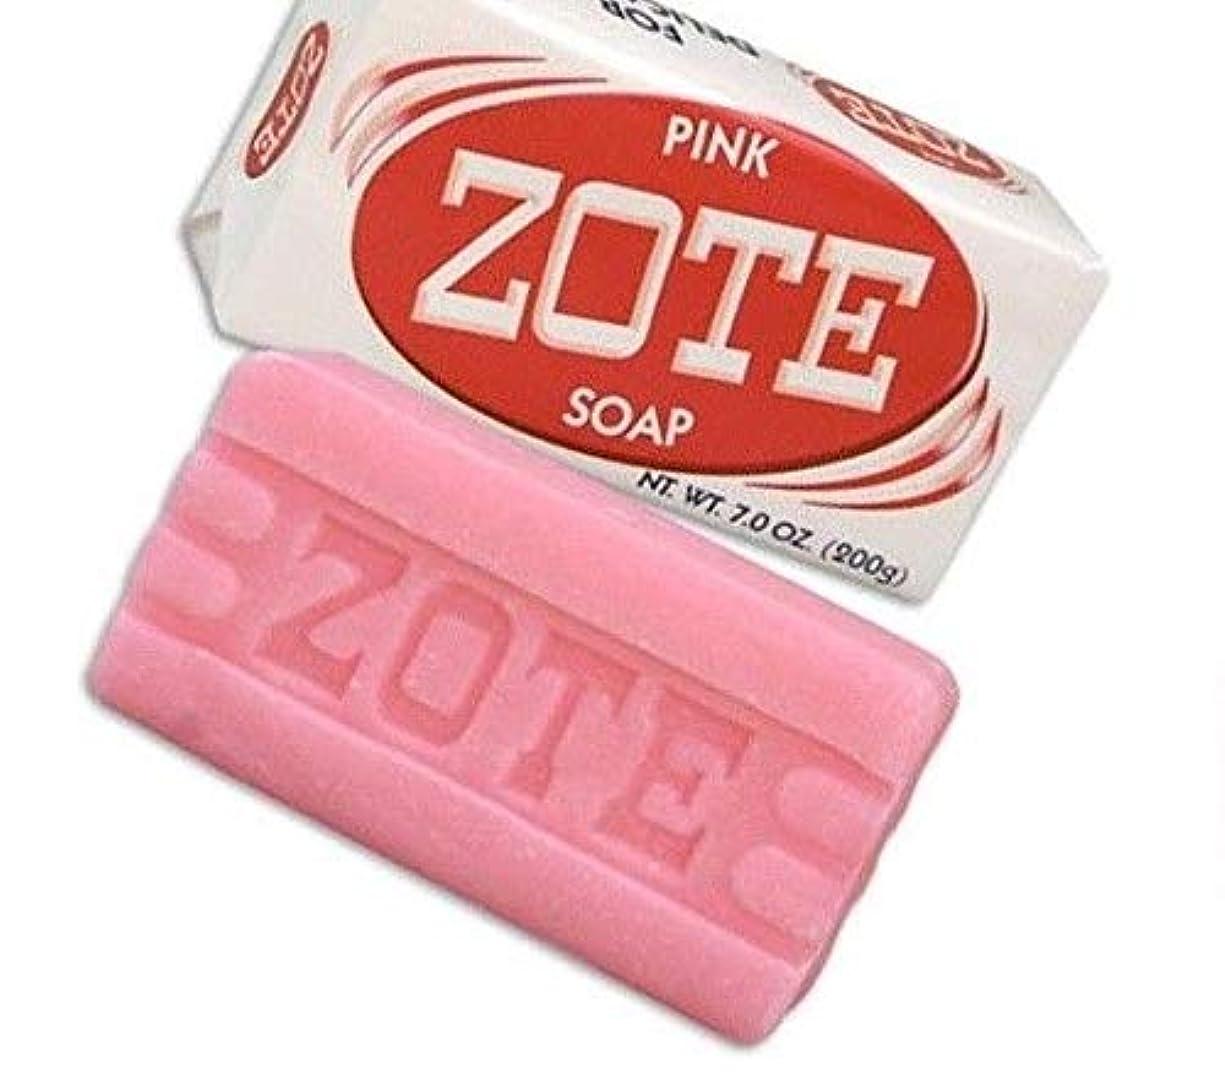 コンドーム晩ごはん回想Zote Laundry Soap Bar - Pink 7oz by Zote [並行輸入品]